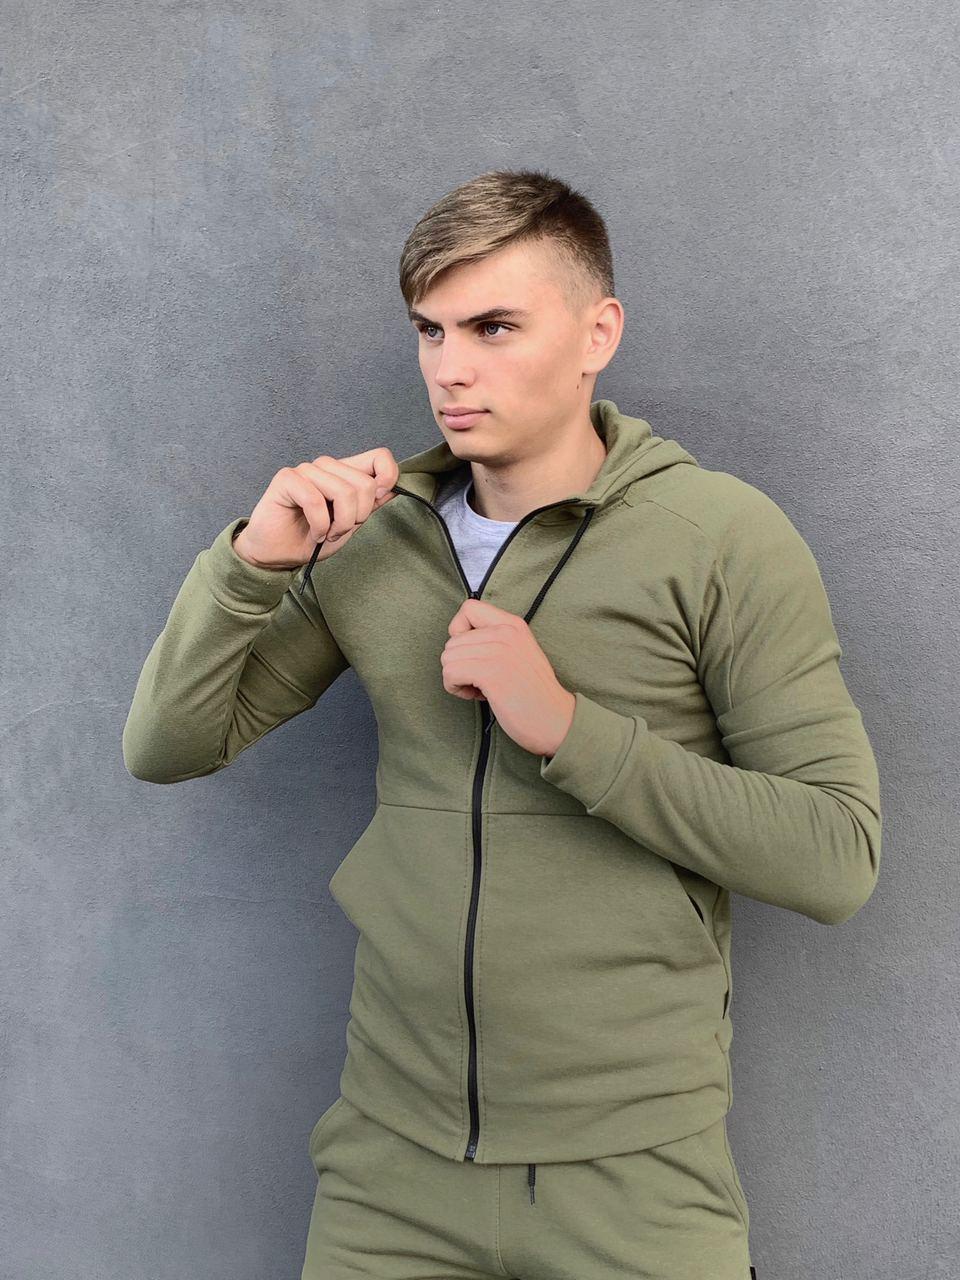 Кофта Чоловіча Intruder 'Космо' спортивна хакі толстовка з капюшоном + Подарунок